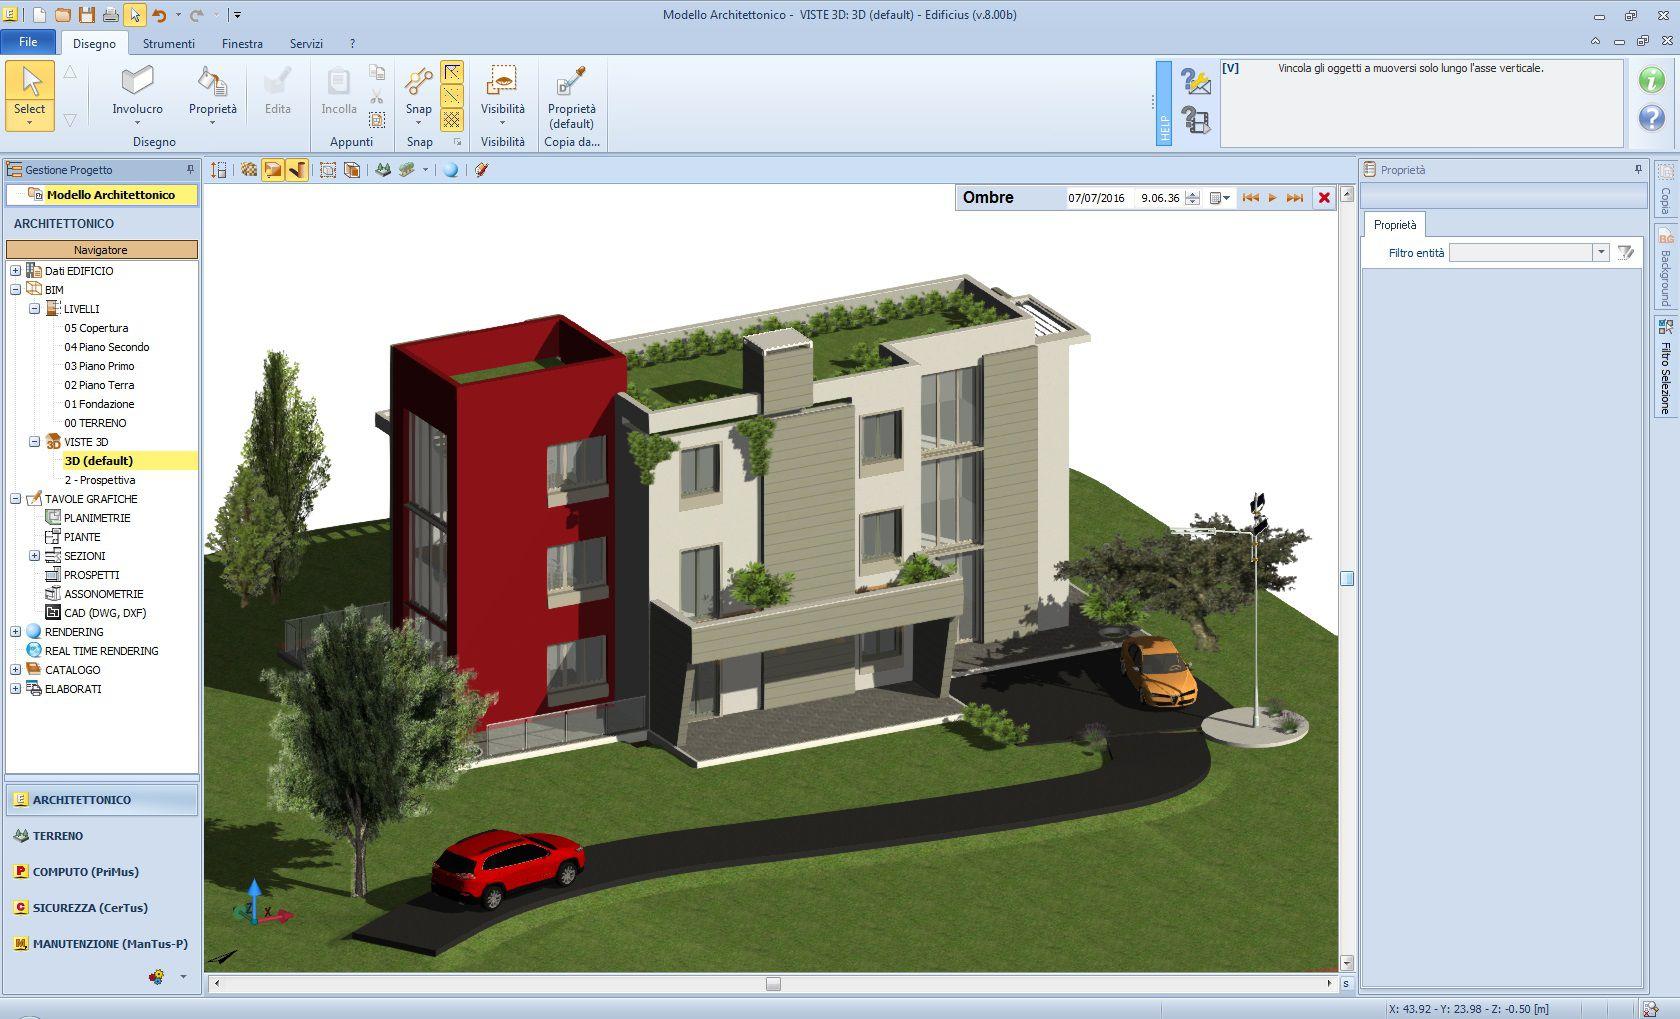 Figura 1 – Un software di authoring BIM architettonico: Edificius